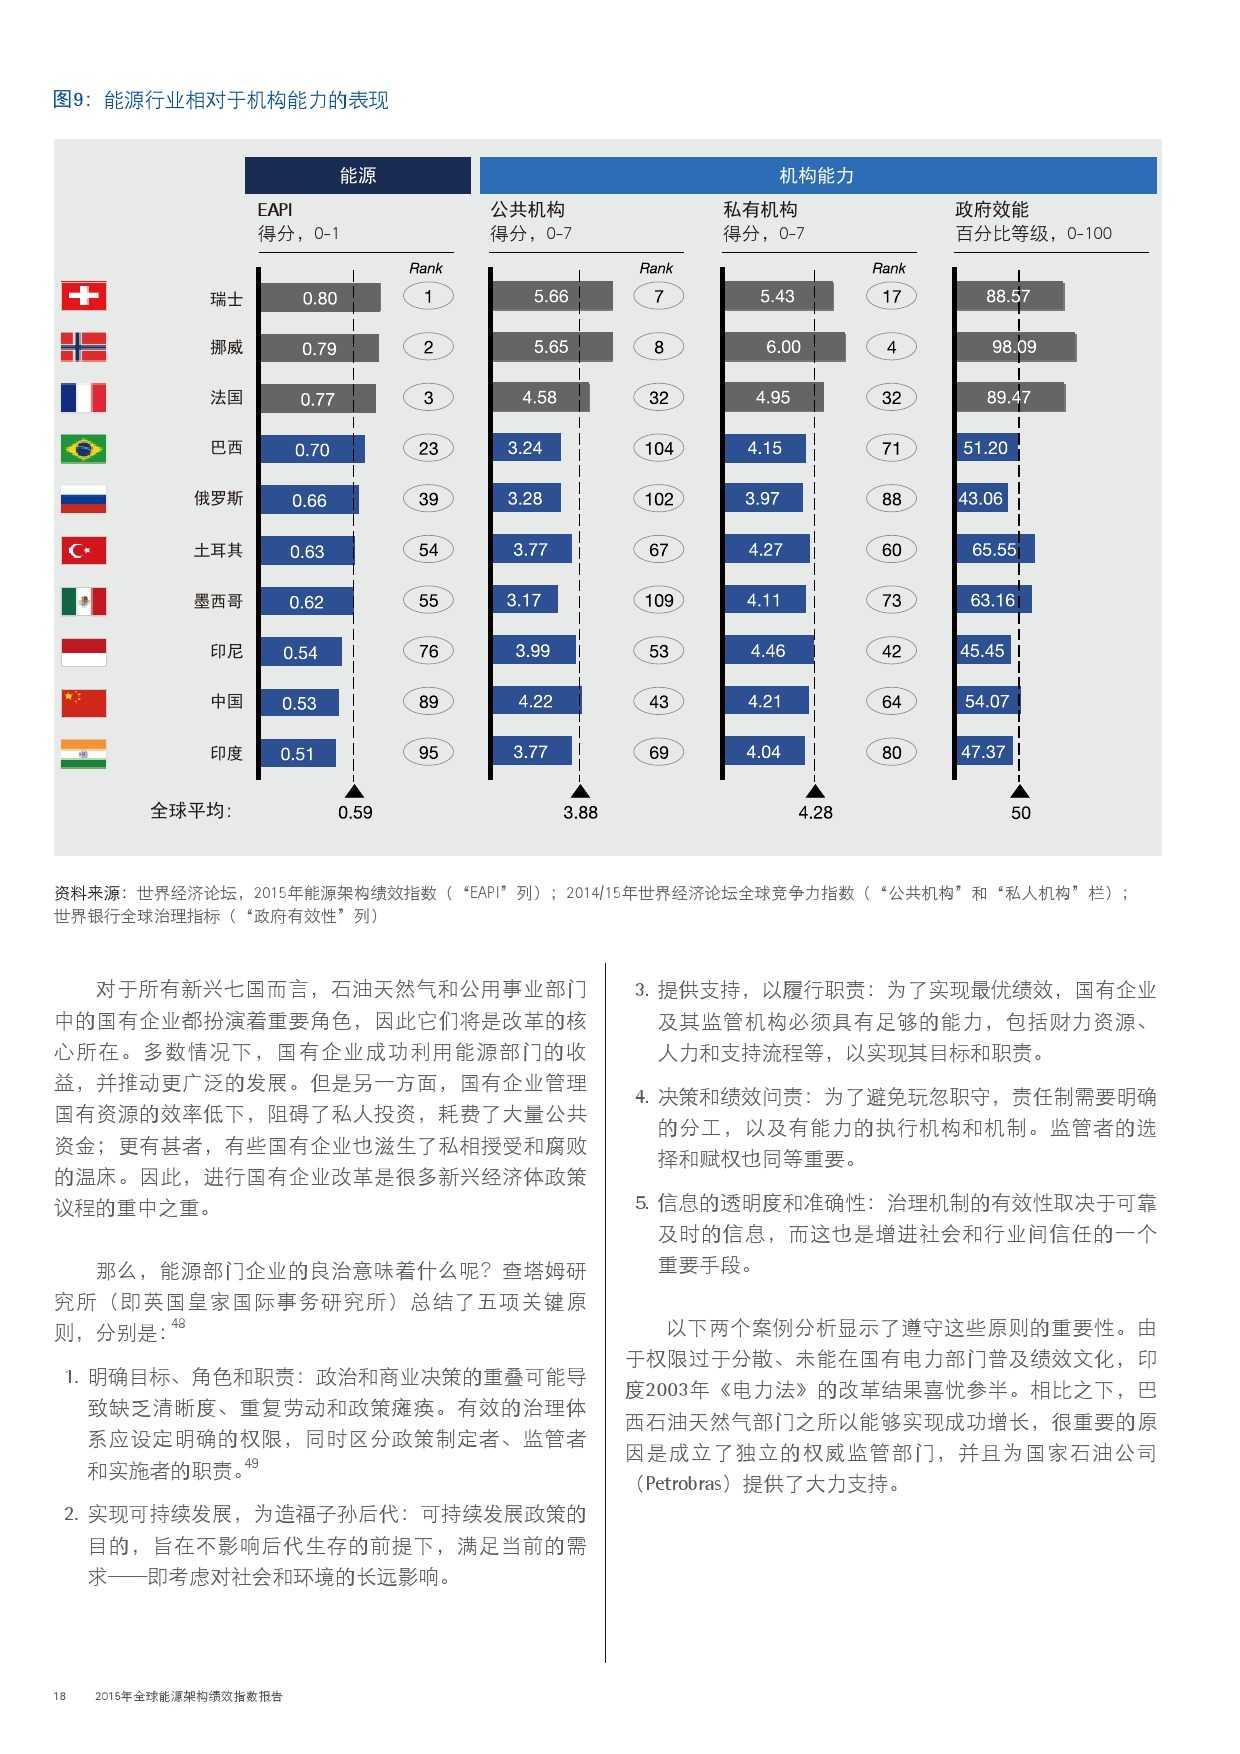 埃森哲:2015年全球能源架构绩效指数报告_000018